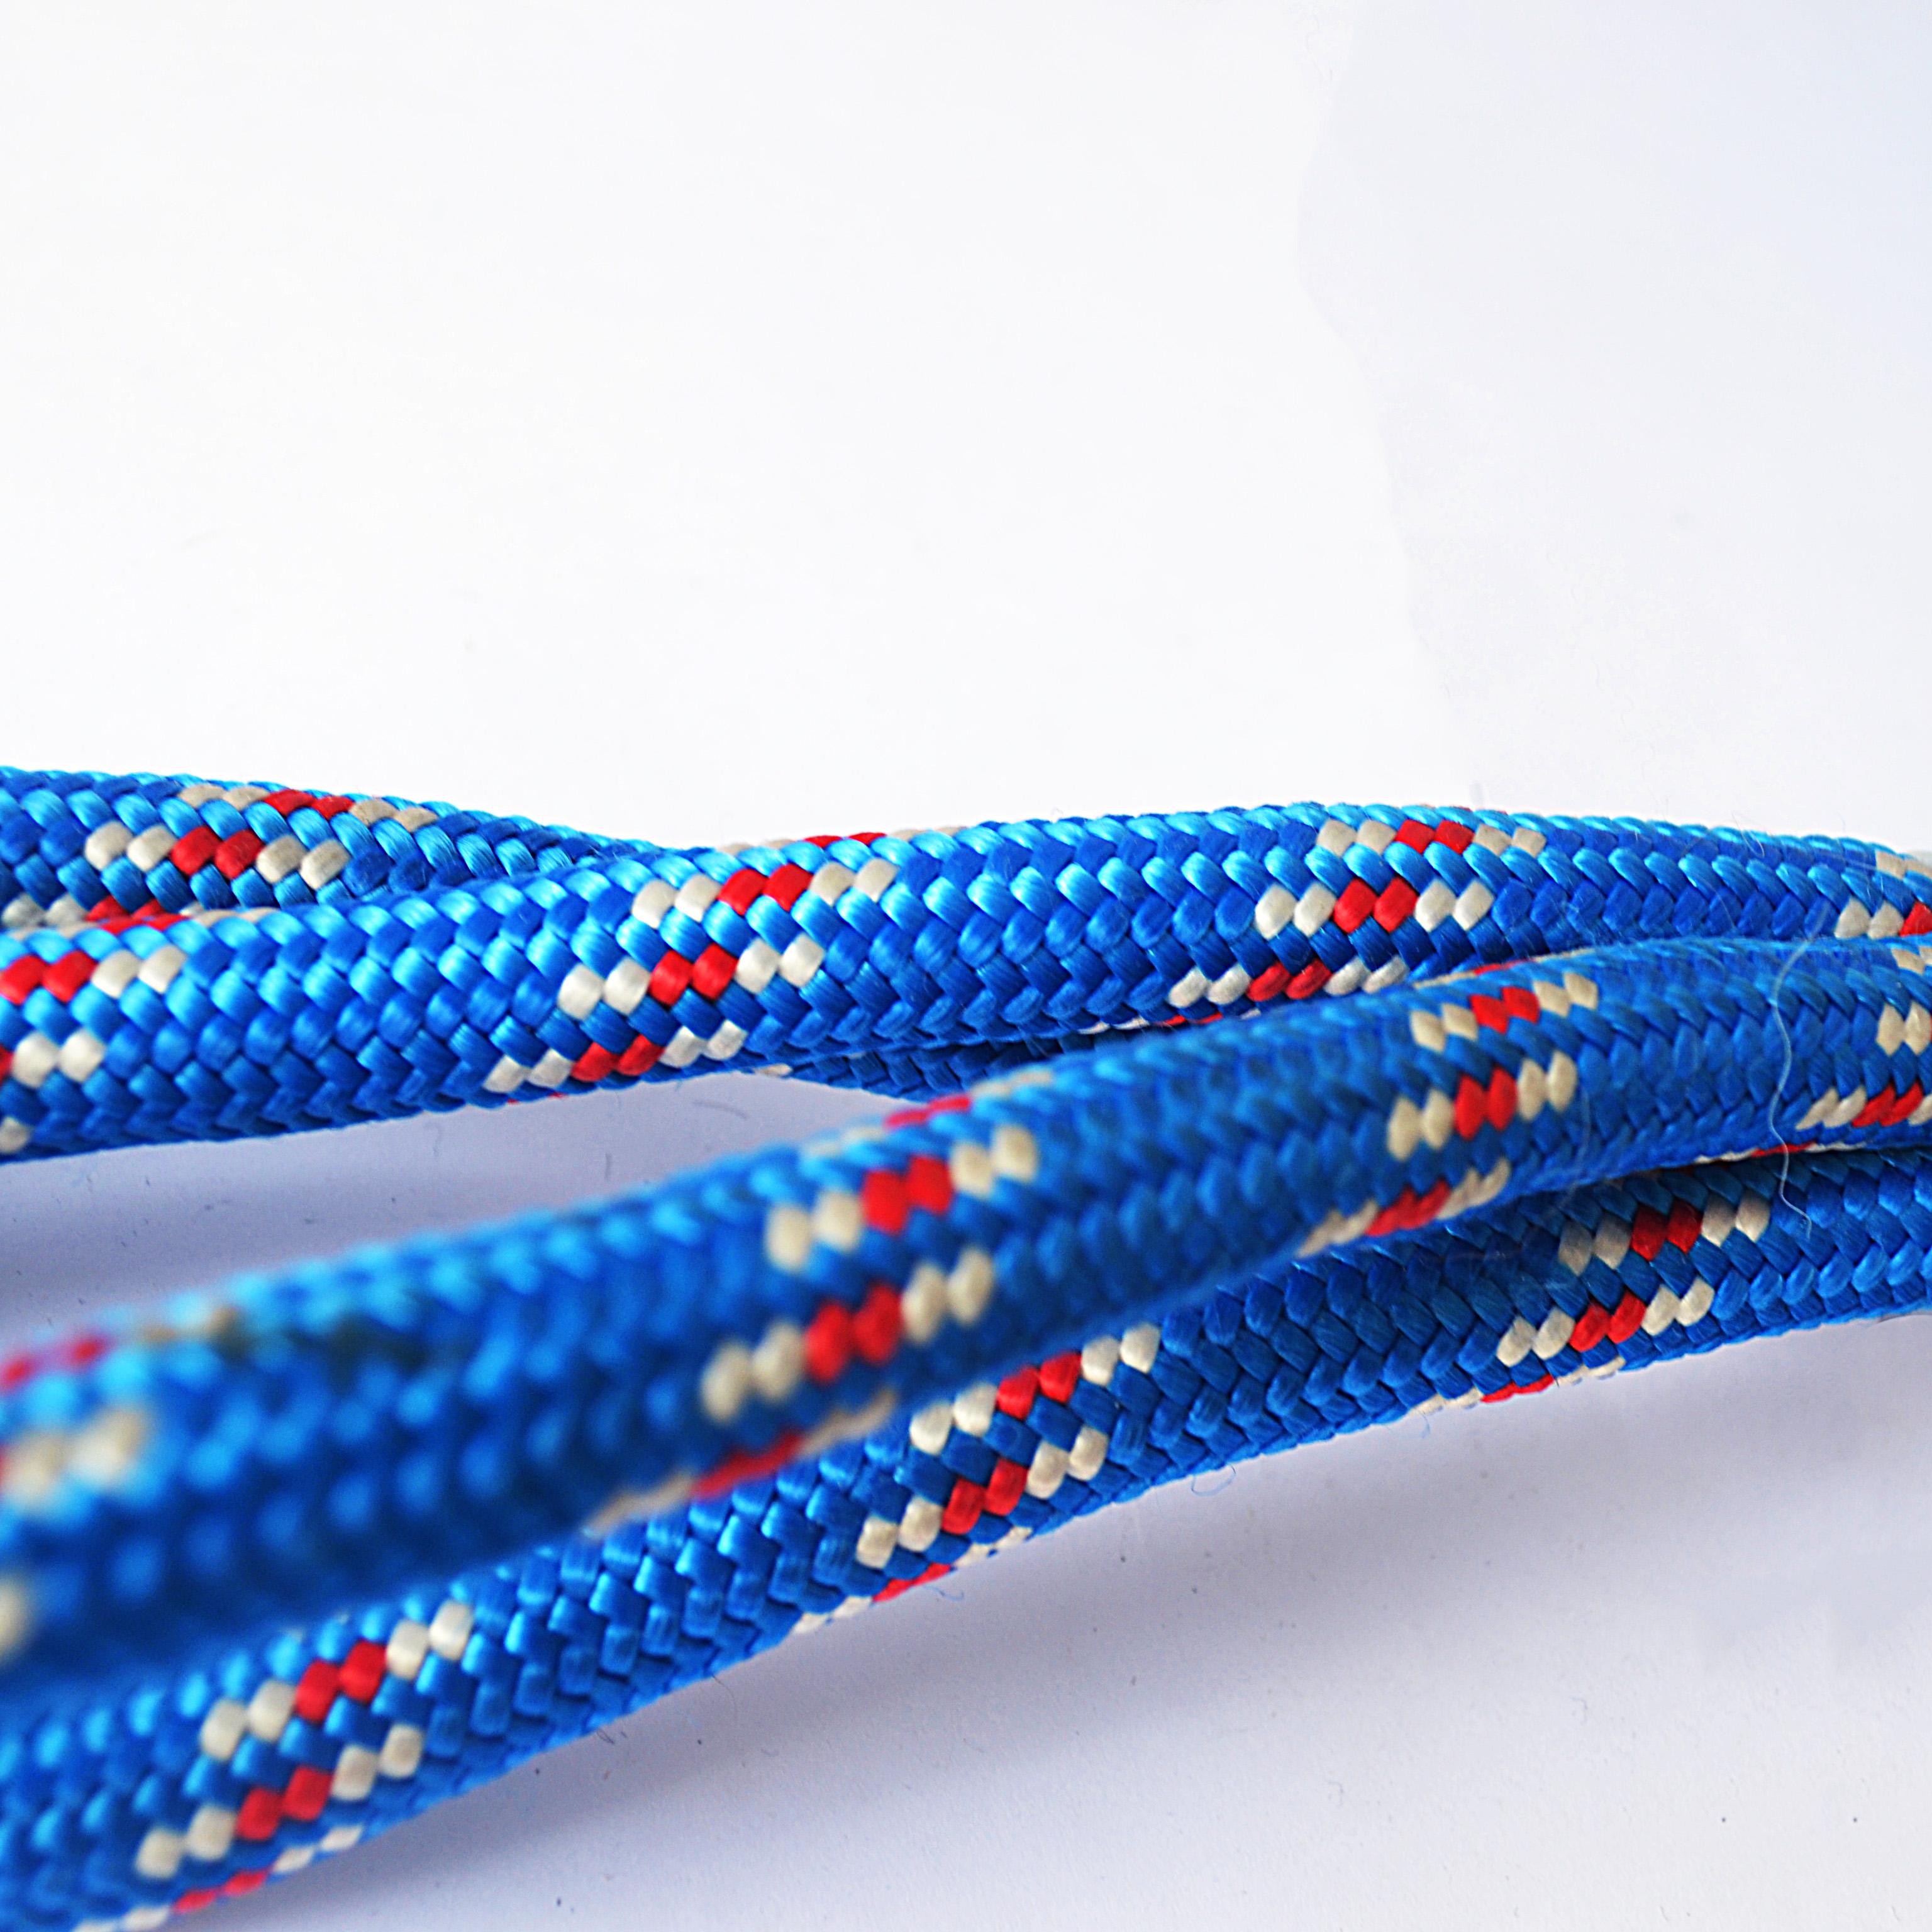 Guia de corda resistente blue - mundodaspataspet.com.br